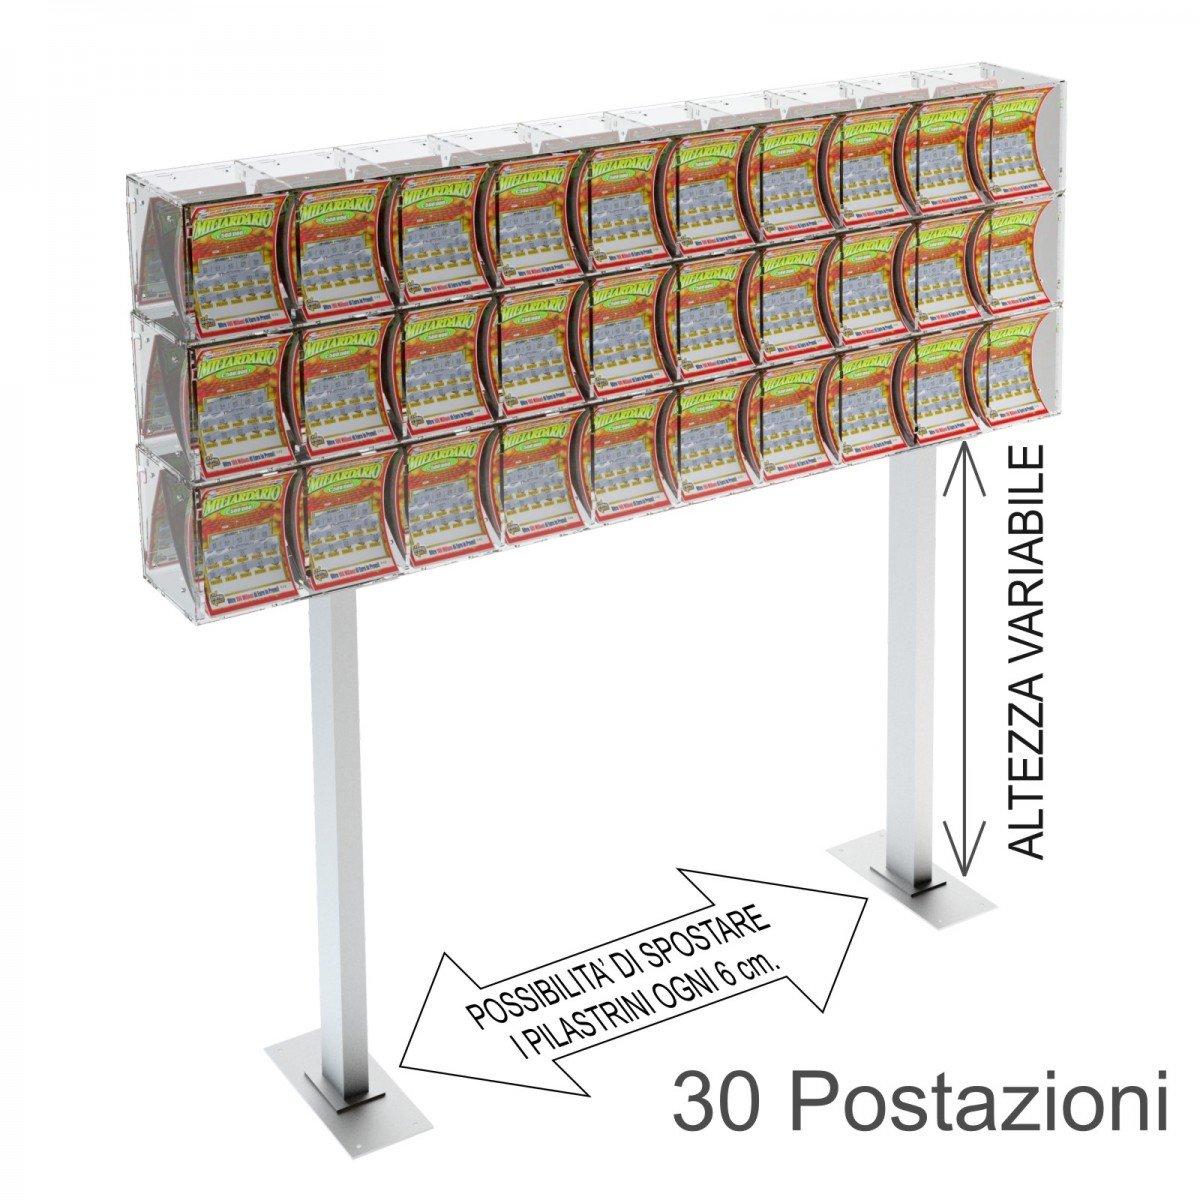 Espositore gratta e vinci da banco in plexiglass trasparente a 30 contenitori munito di sportellino frontale lato rivenditore